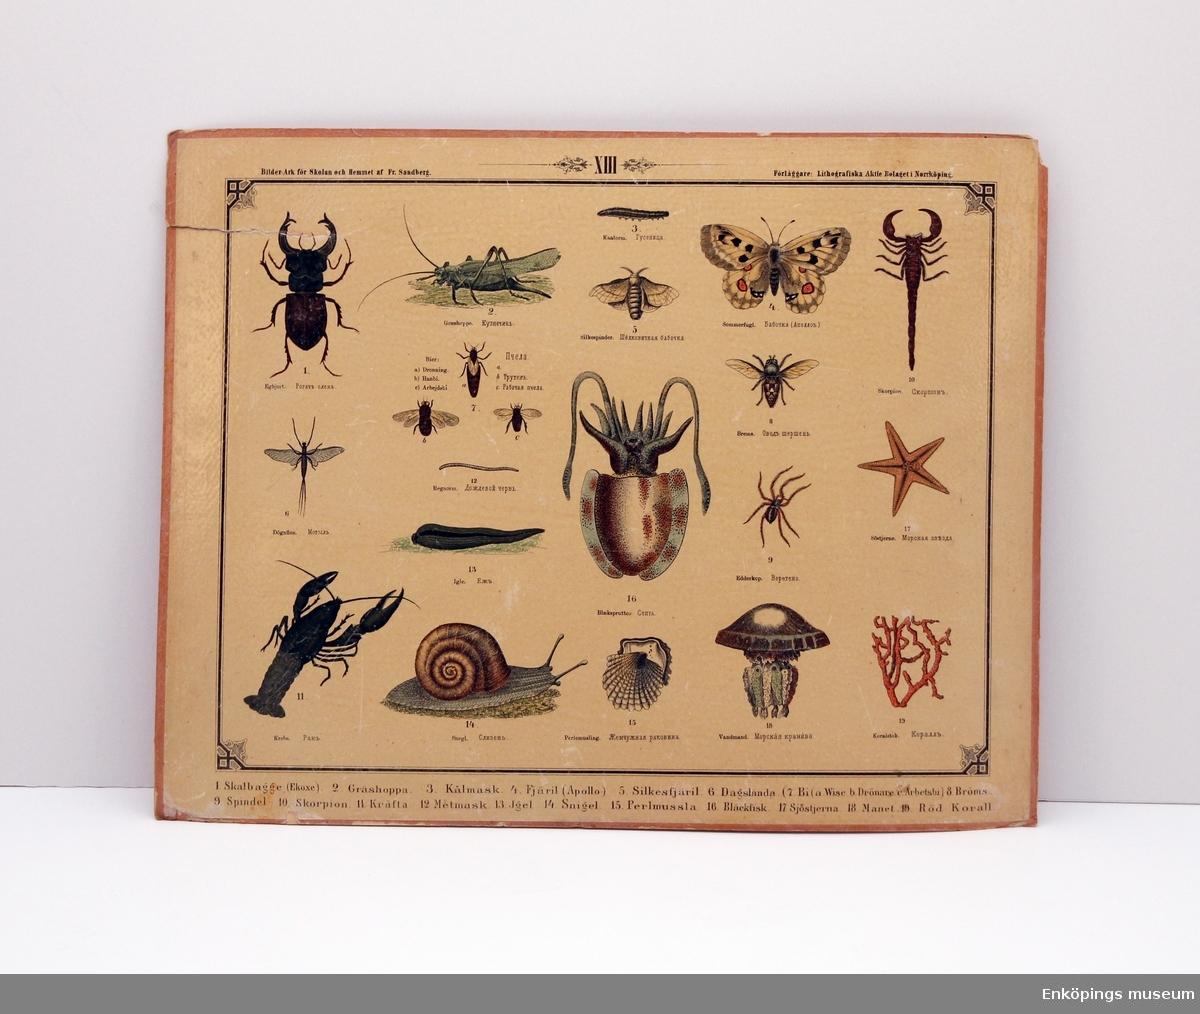 Skolplansch som visar olika insekter, spindeldjur, blötdjur, maskar och andra organismer. Från Litografiska Aktie Bolaget i Norrköping.  Skolplanscher användes i de flesta skolämnen under 1900-talet. År 1900 kom en ny läroplan (normalplan) där lektionerna skulle åskådliggöras för eleverna för att de skulle förstå bättre. Detta gjorde att räknestavar, skolplanscher, stora kartor och den svarta tavlan blev viktiga skolredskap.